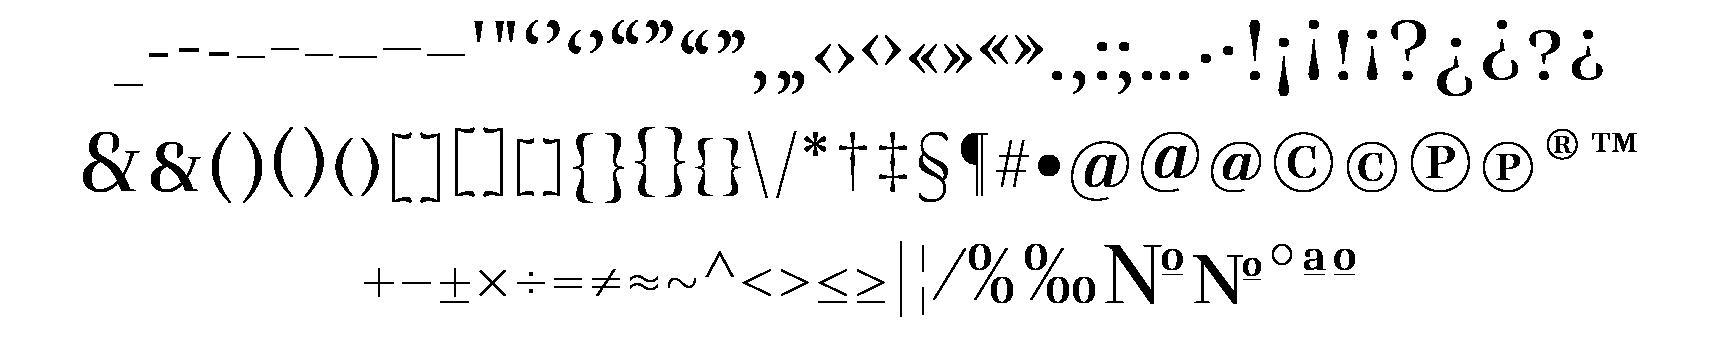 <p>Punctuation &amp; symbols<br /></p> glyphs